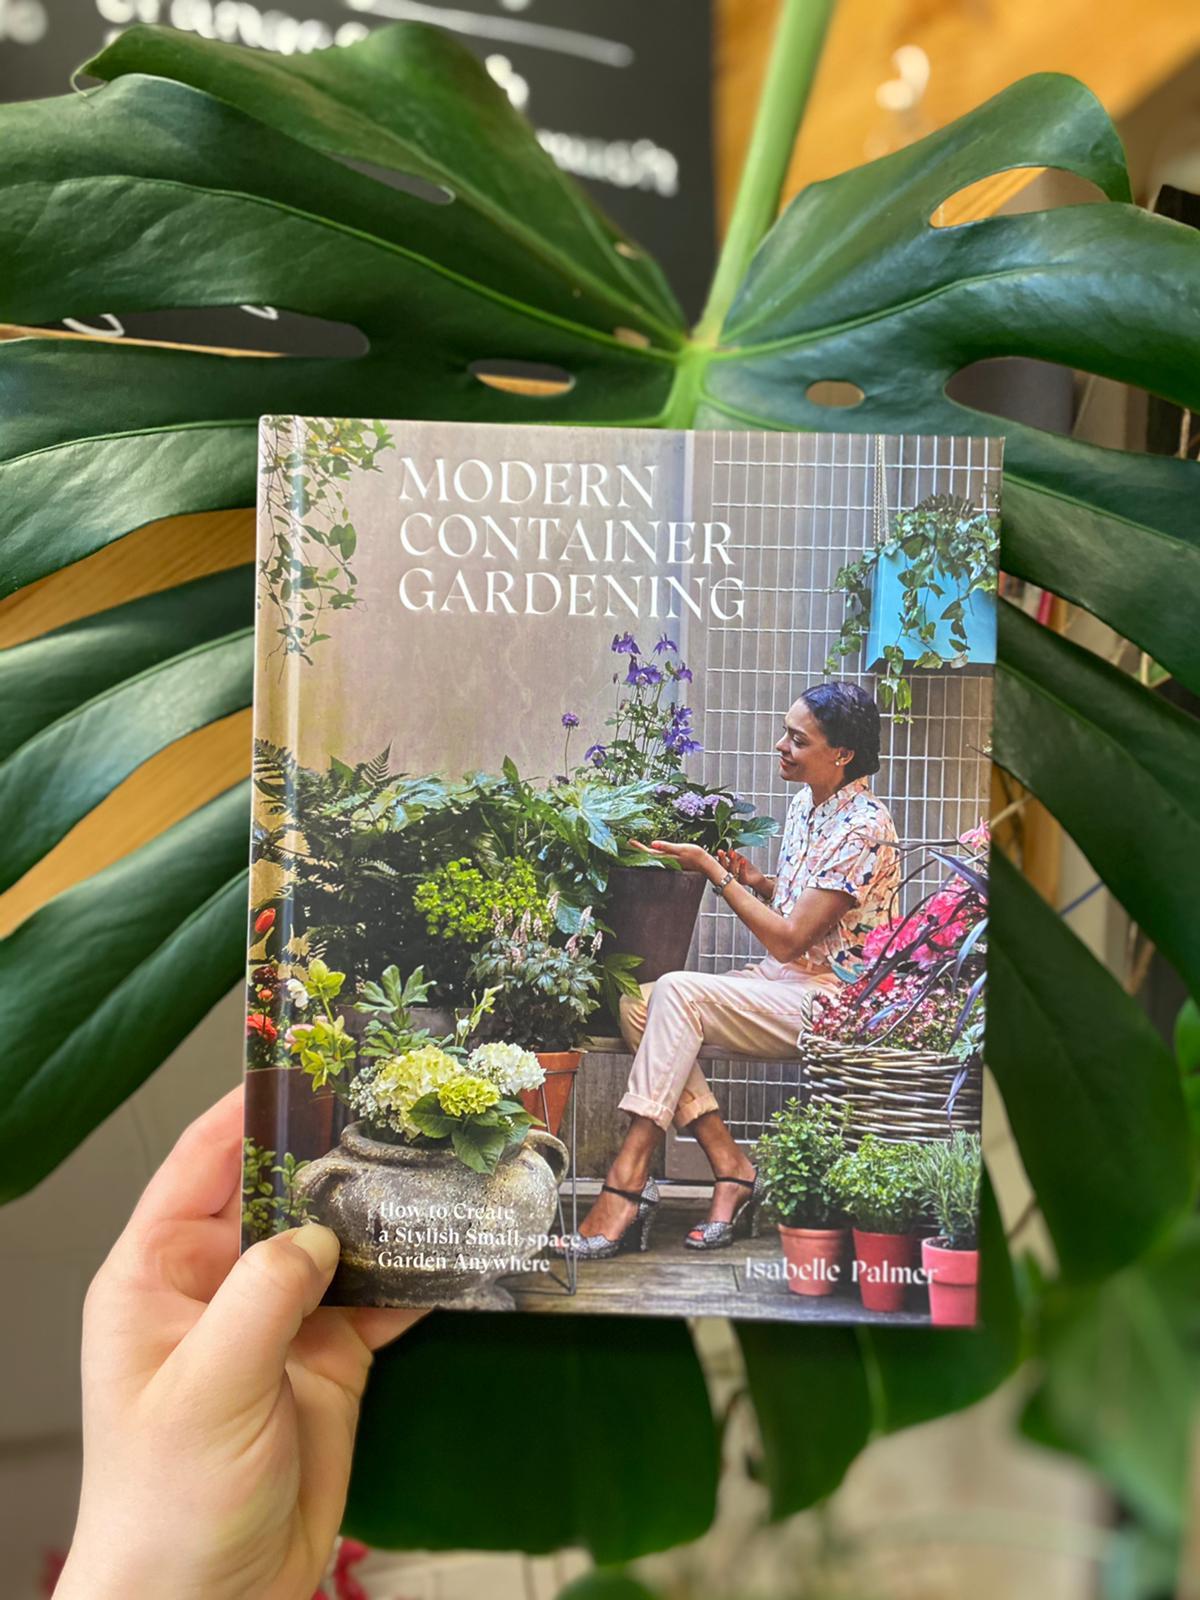 Modern Container Gardening | Isabelle Palmer